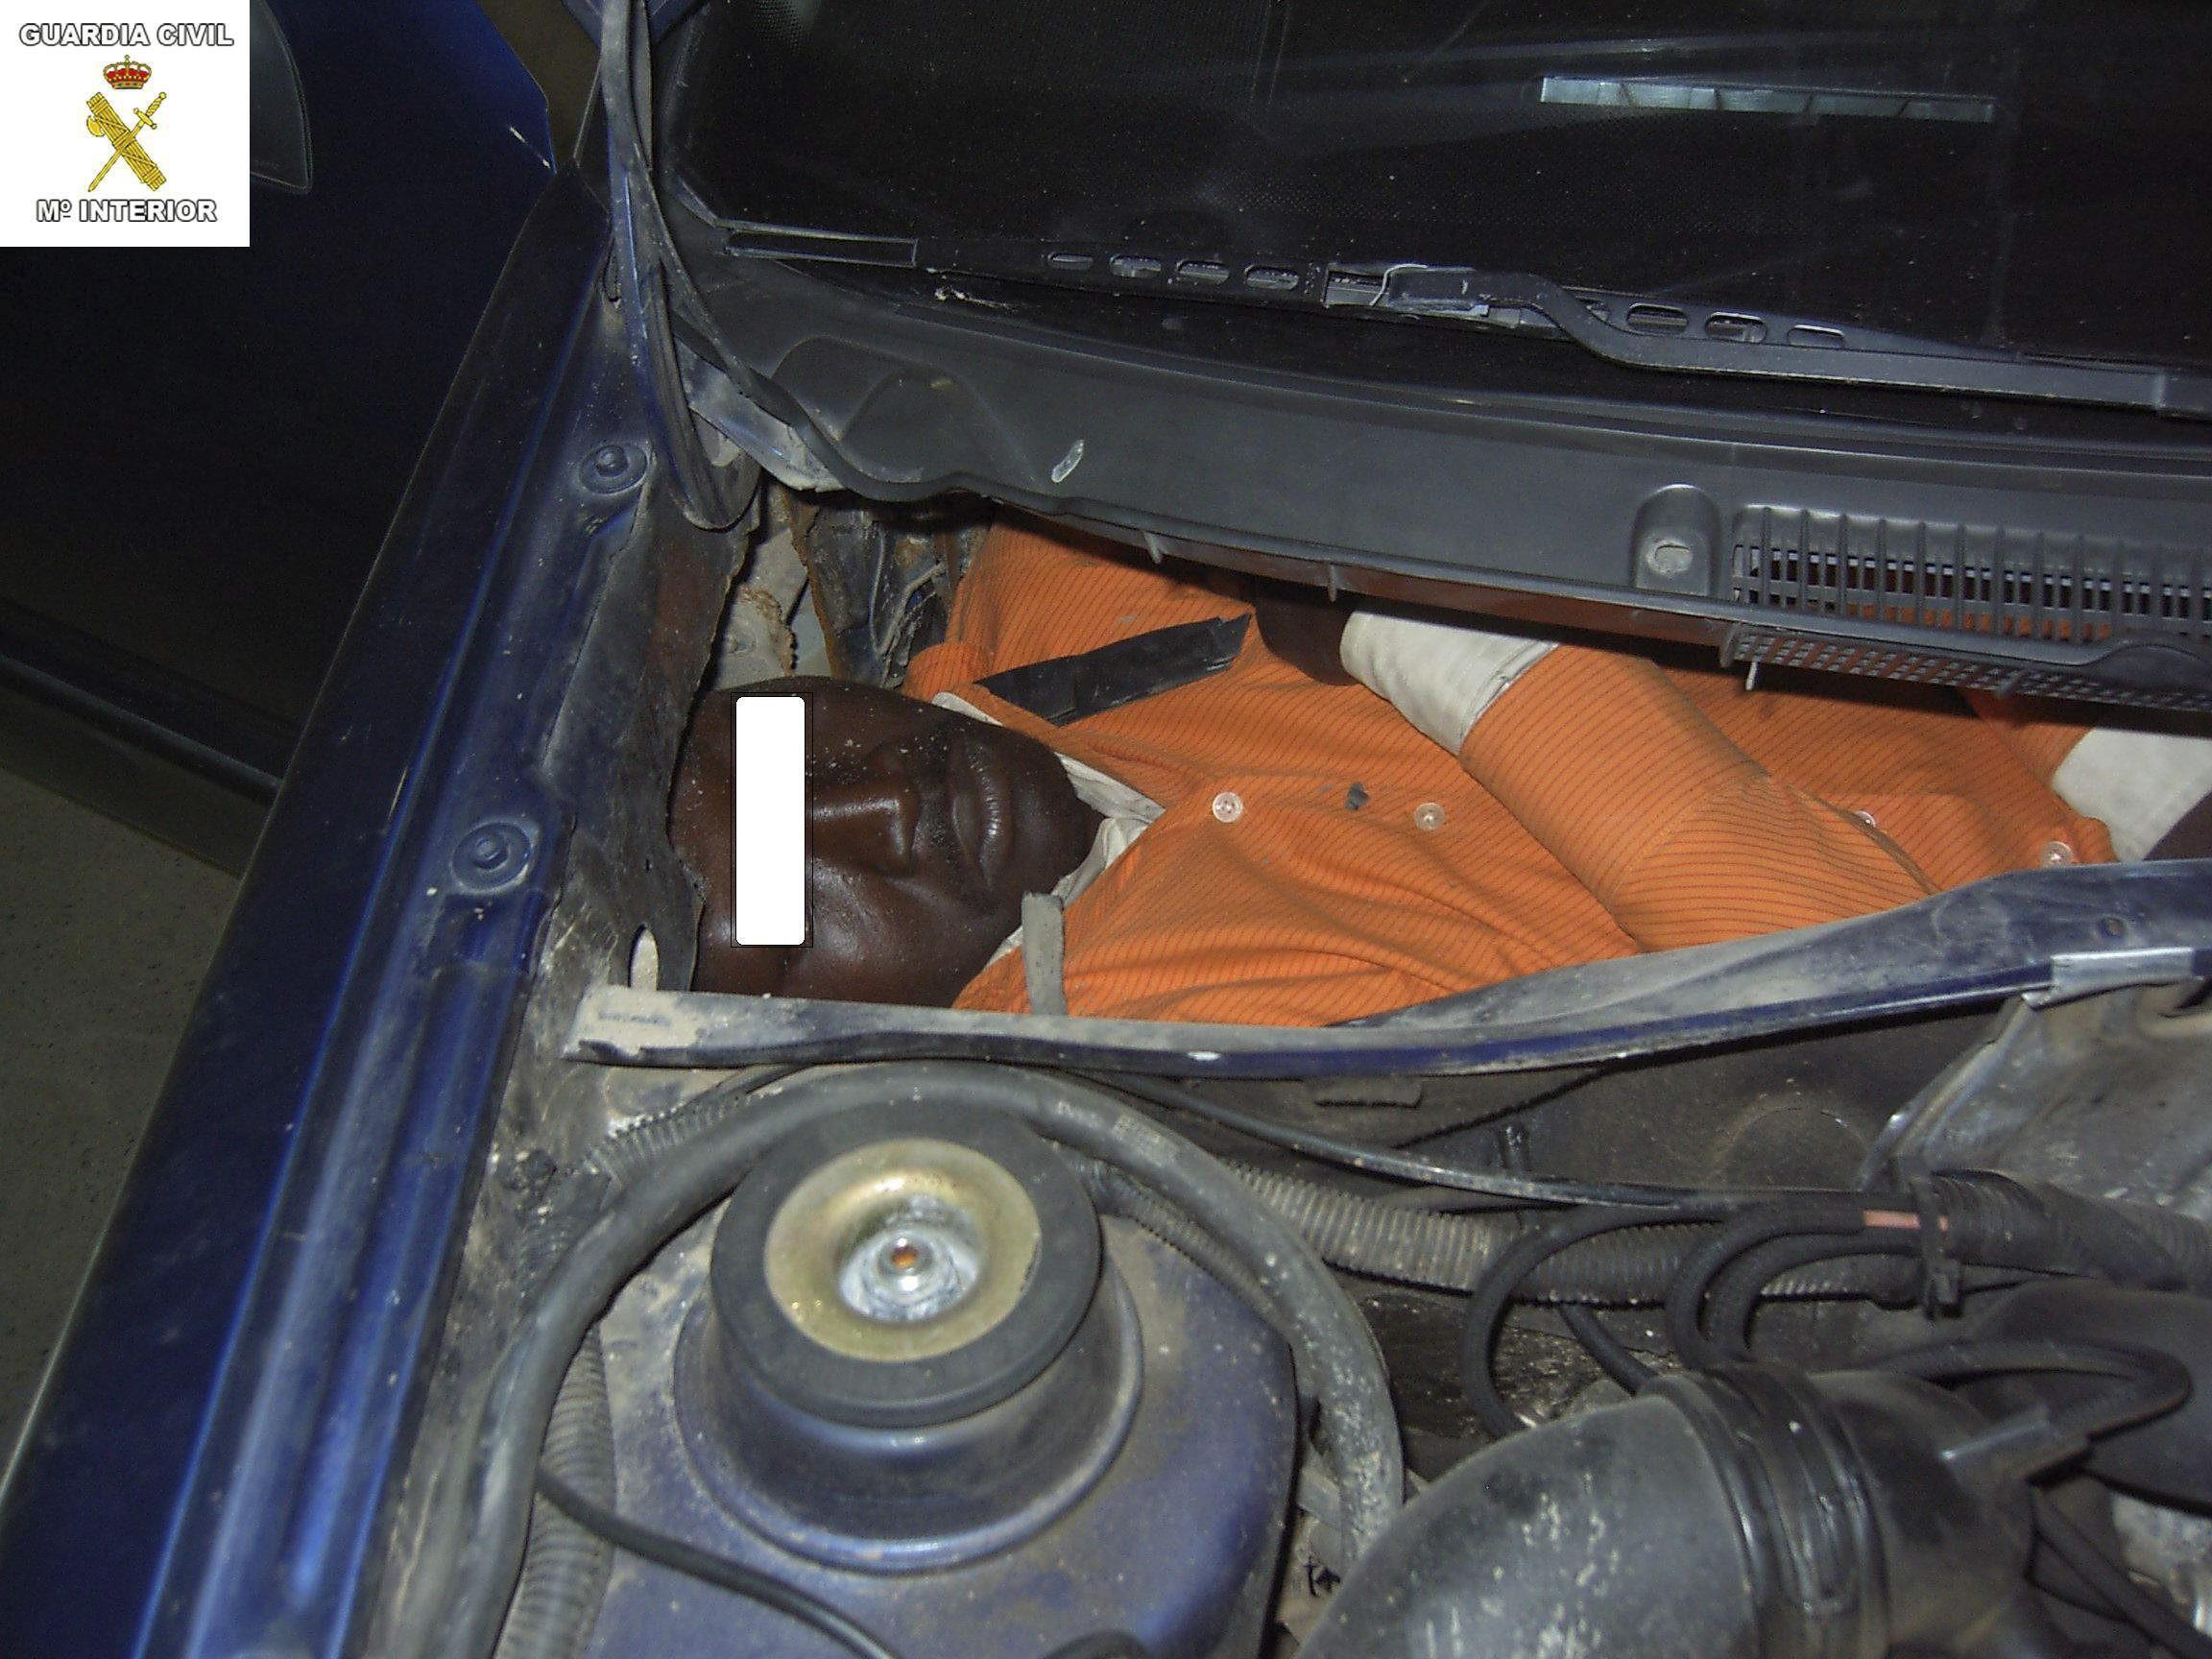 Rescatados dos inmigrantes ocultos en un coche que llevaba horas estacionado